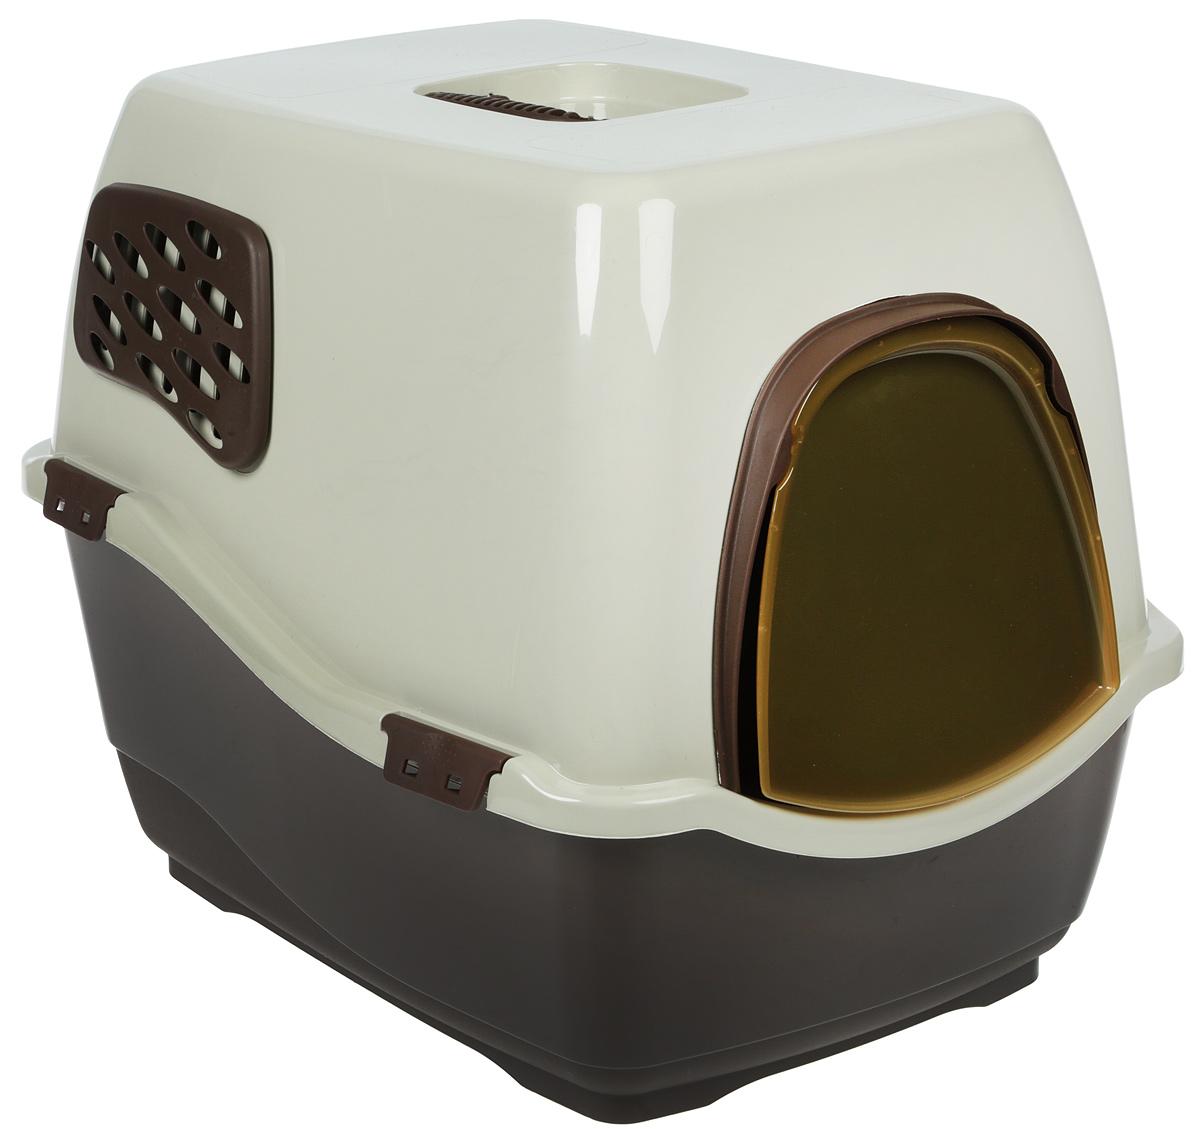 Био-туалет для животных Marchioro Bill 1F, цвет: серый, коричневый, 50 х 40 х 42 см лежанка для животных добаз цвет светло розовый серый 65 х 65 х 20 см